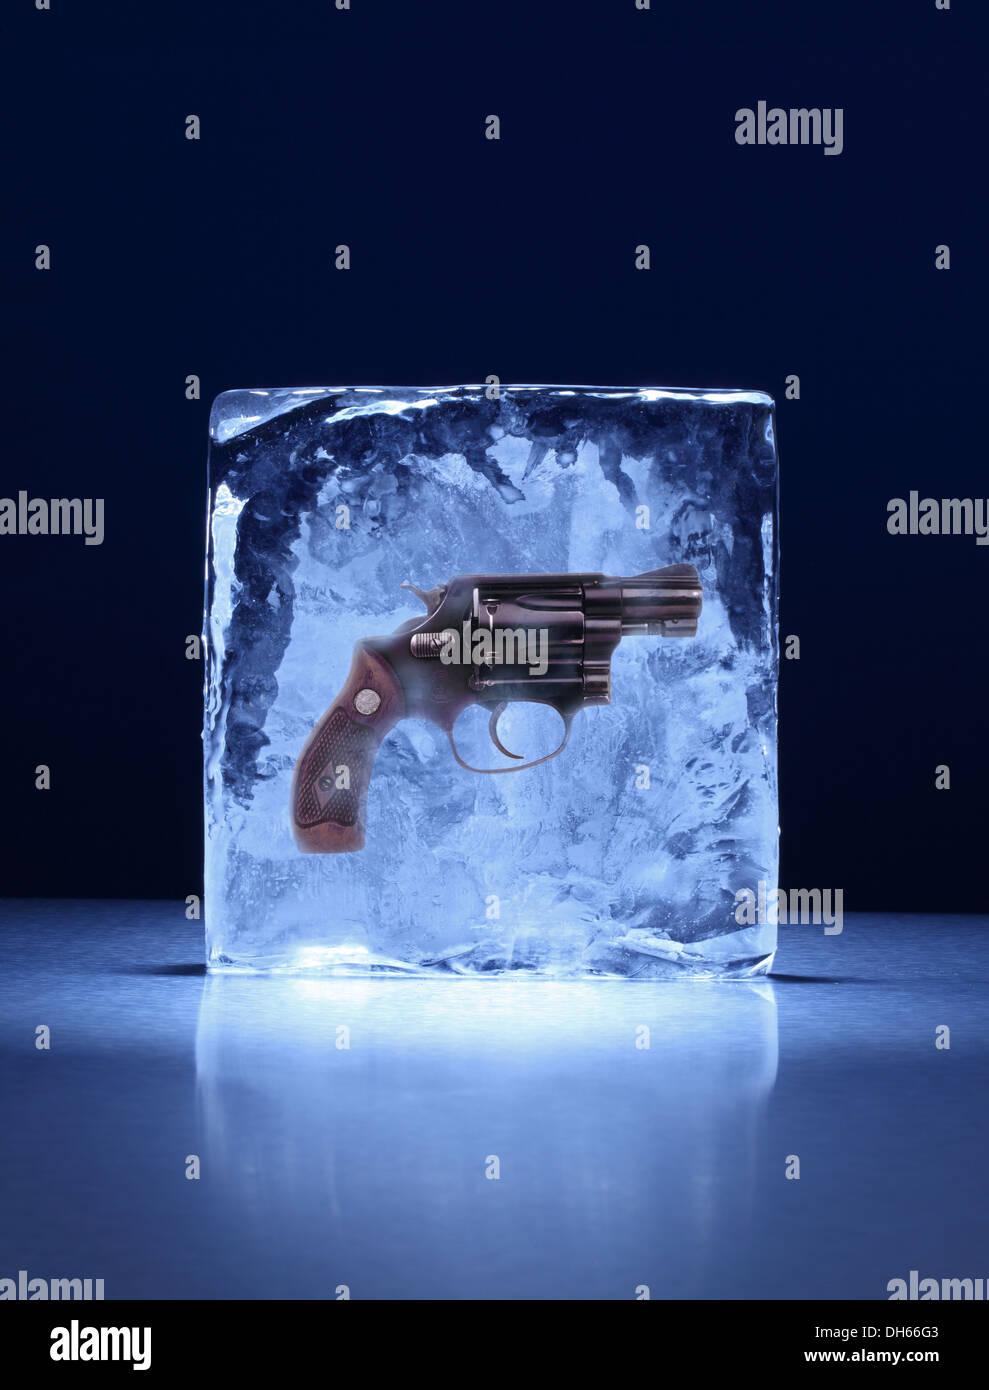 Une arme de poing gelé dans un bloc de glace Photo Stock